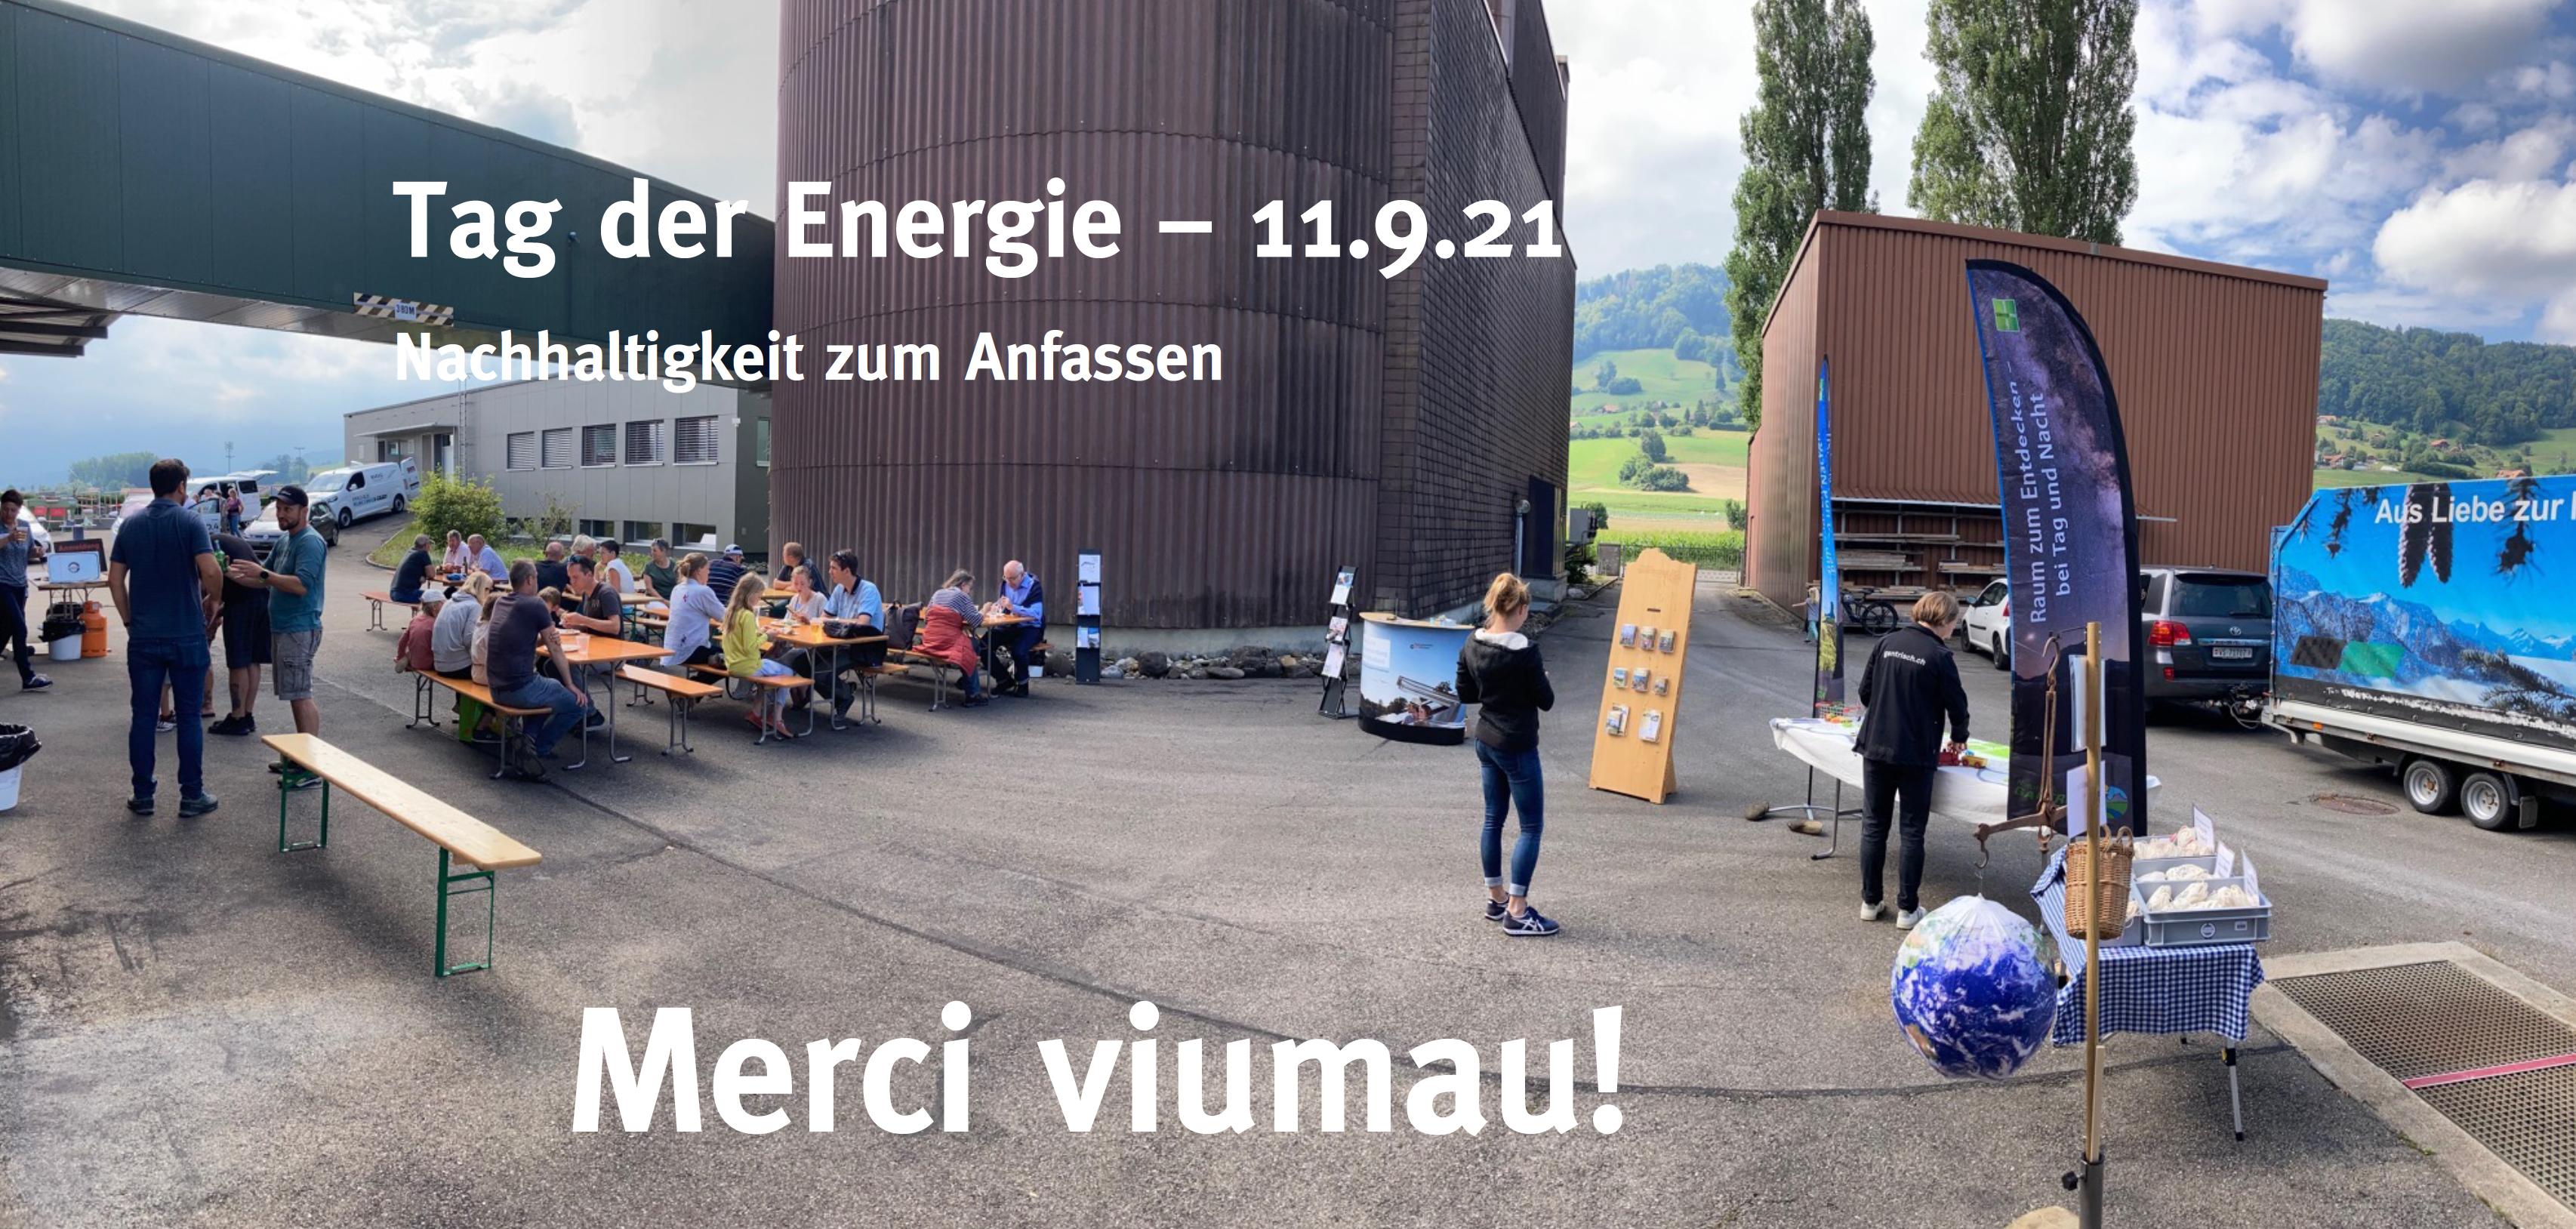 Dankbare Veranstalter nach dem erfolgreichen Tag der Energie.